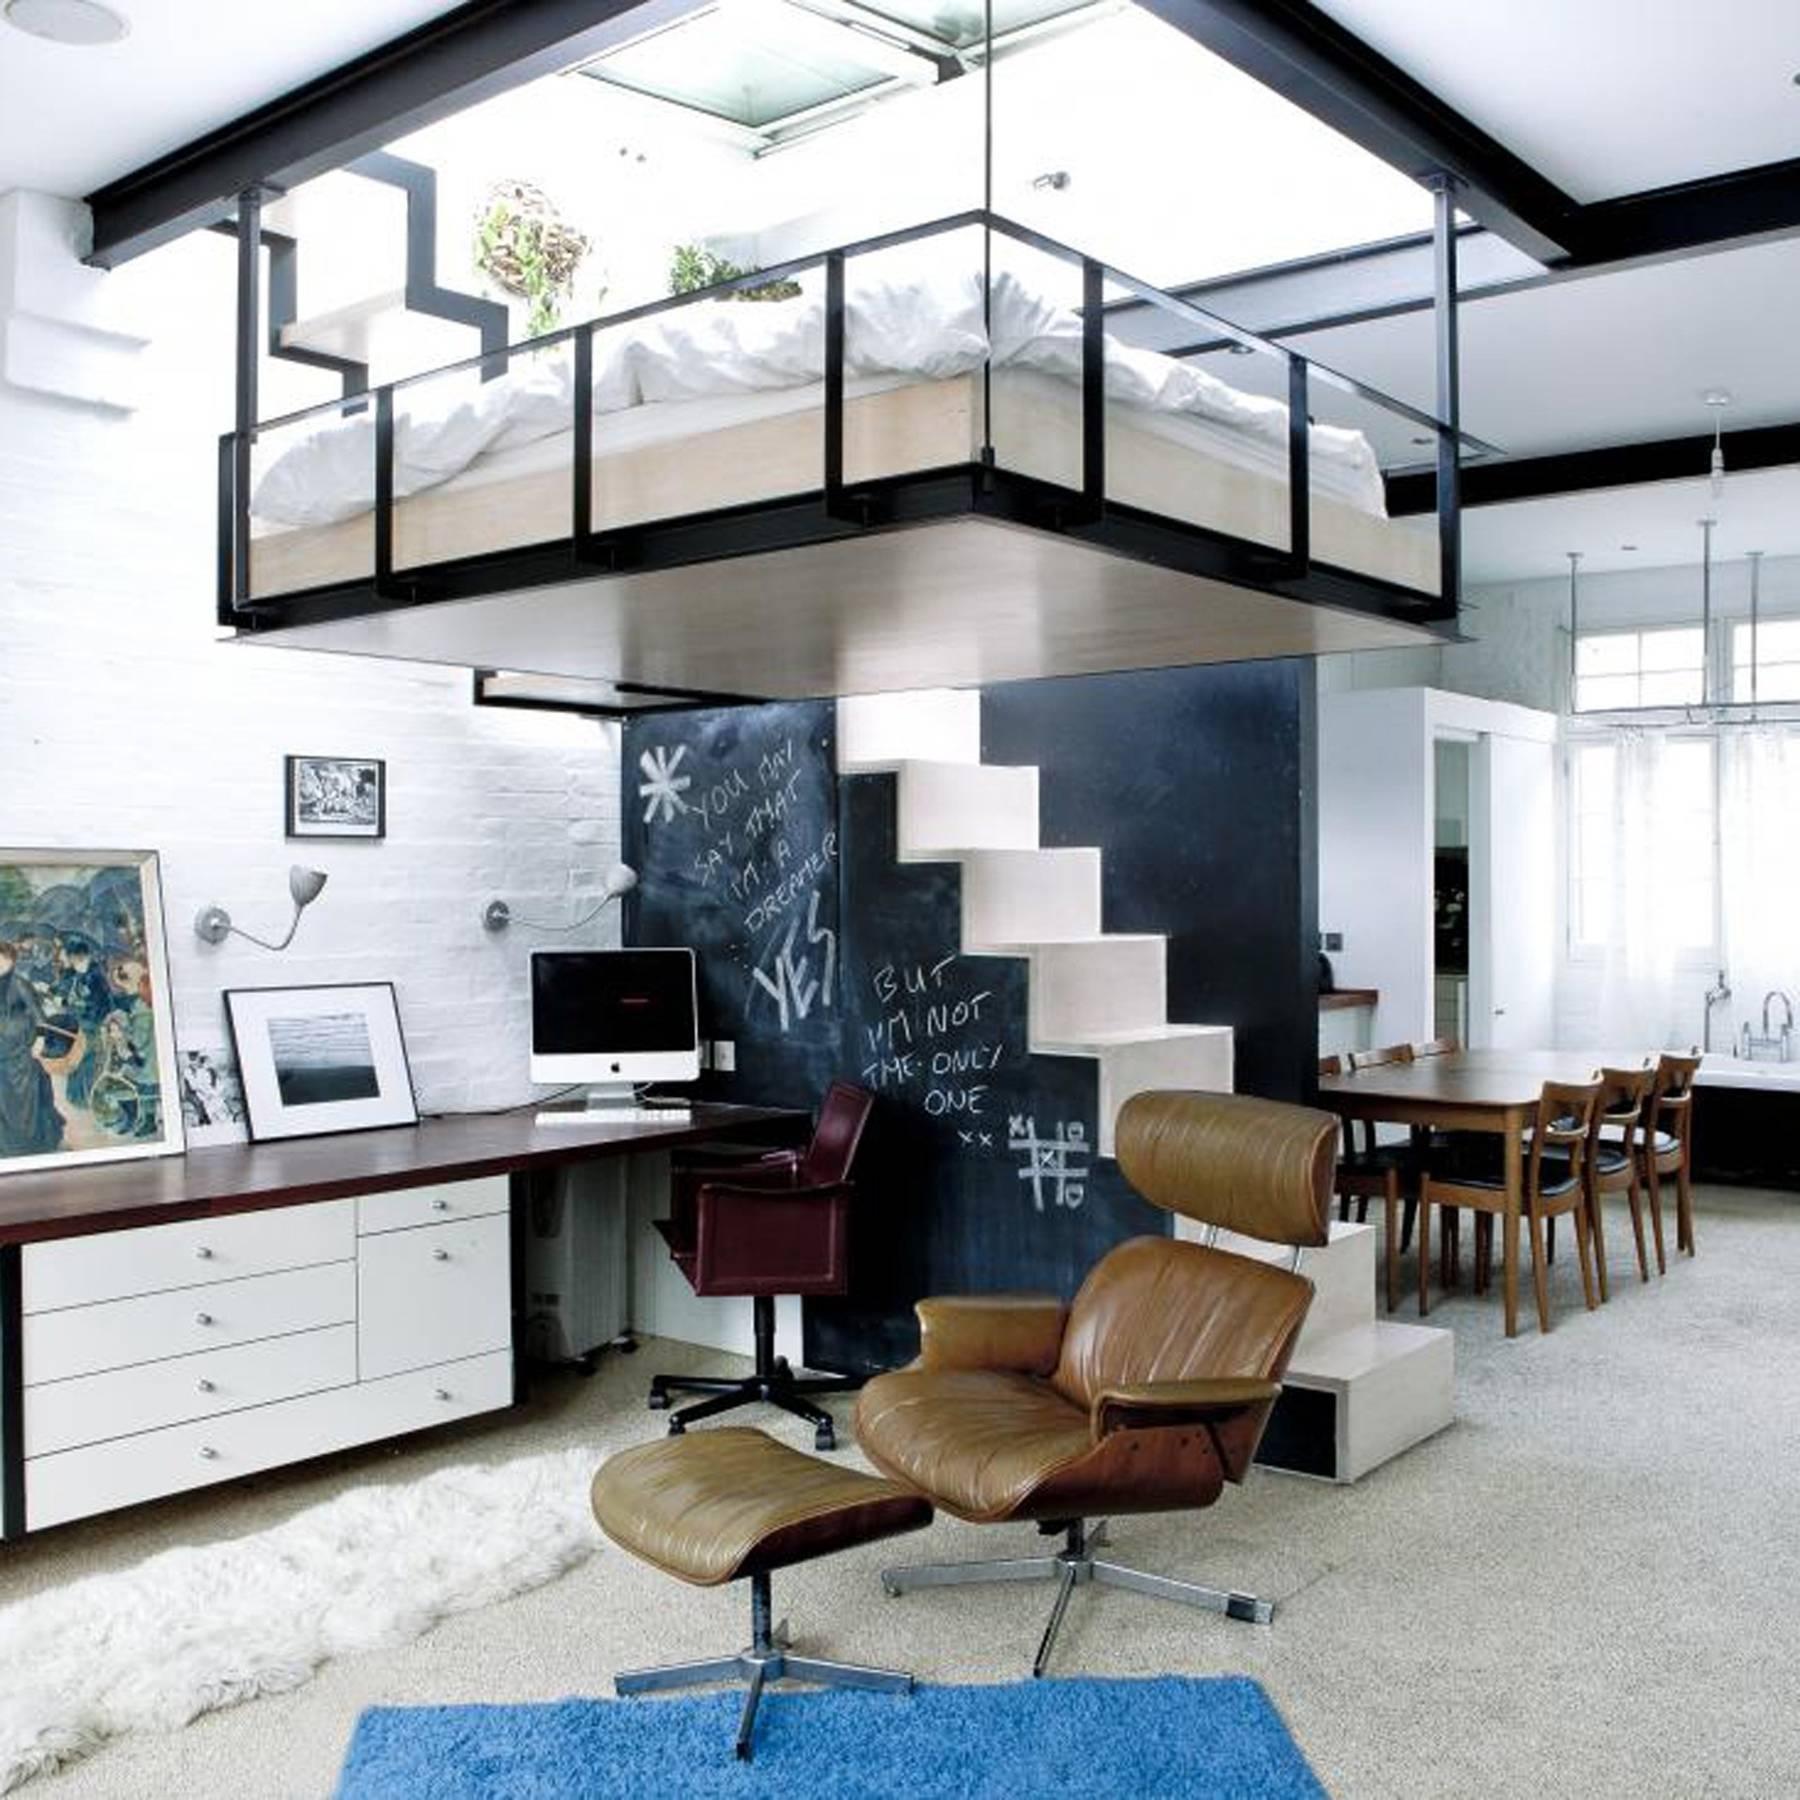 & Mezzanine Floor - Mezzanine Level Design | House \u0026 Garden